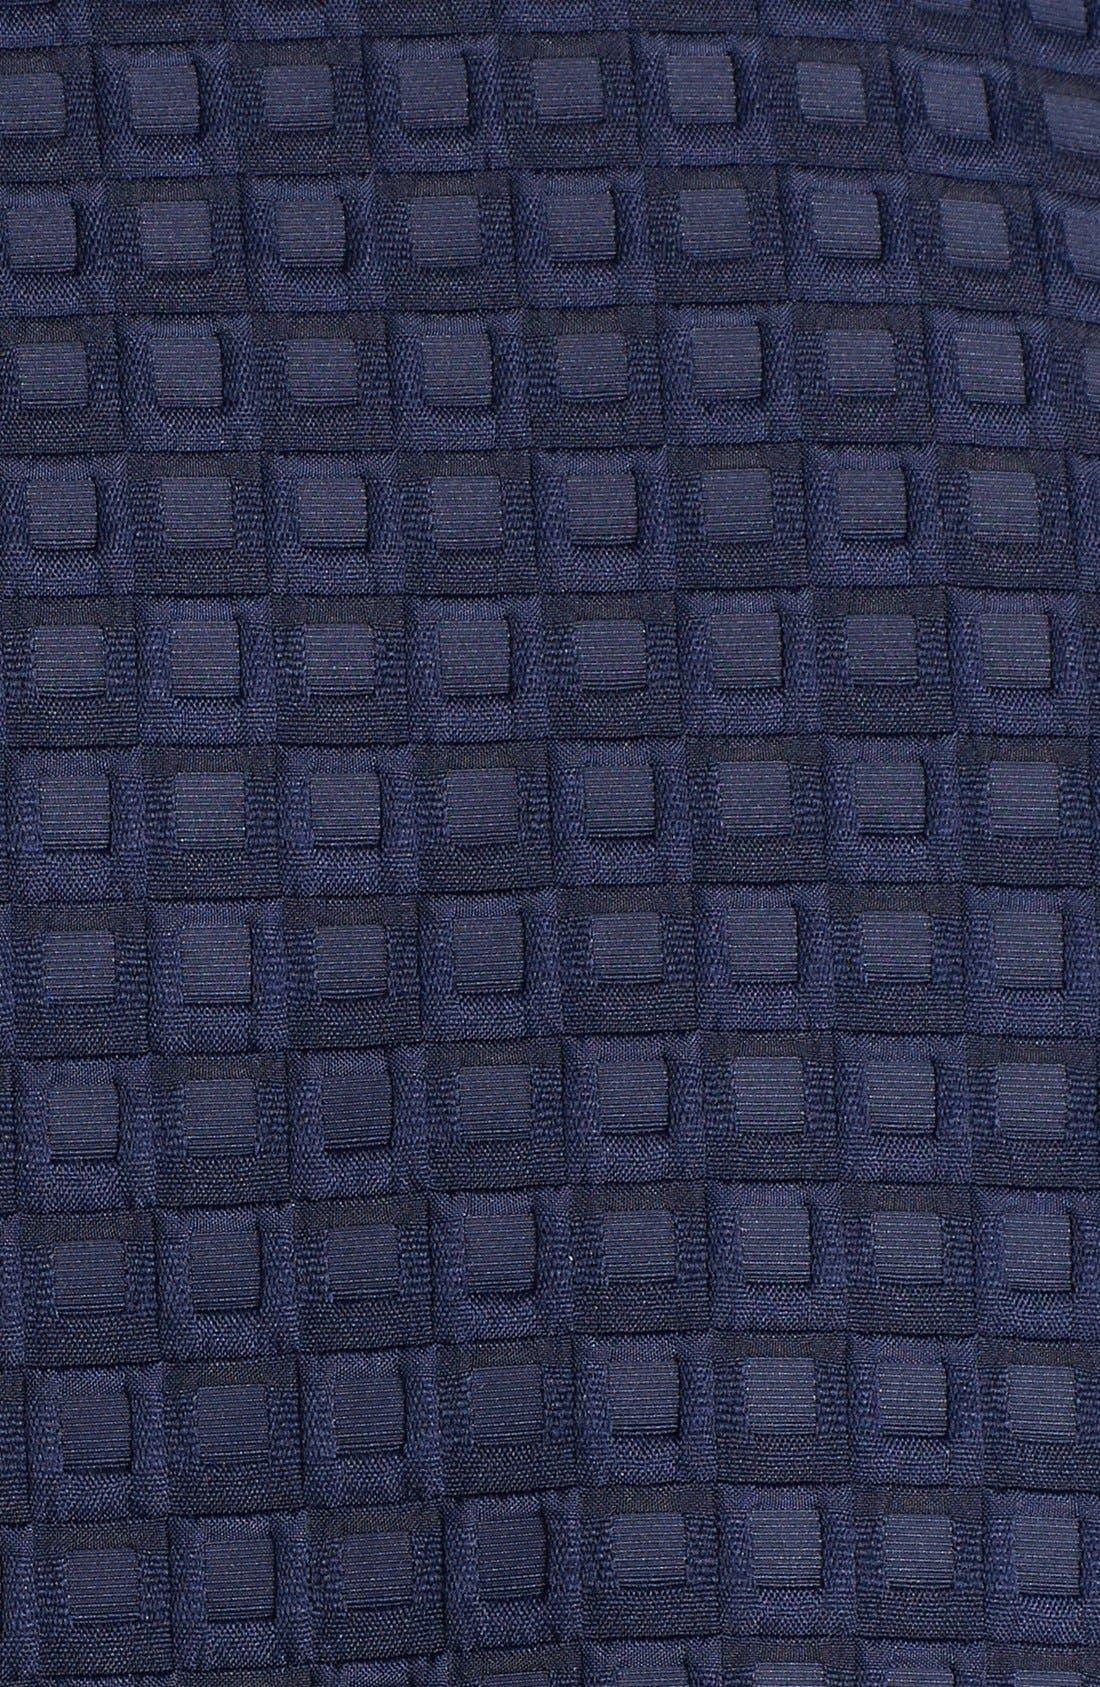 Alternate Image 3  - Topshop Textured Crop Top (Nordstrom Exclusive)